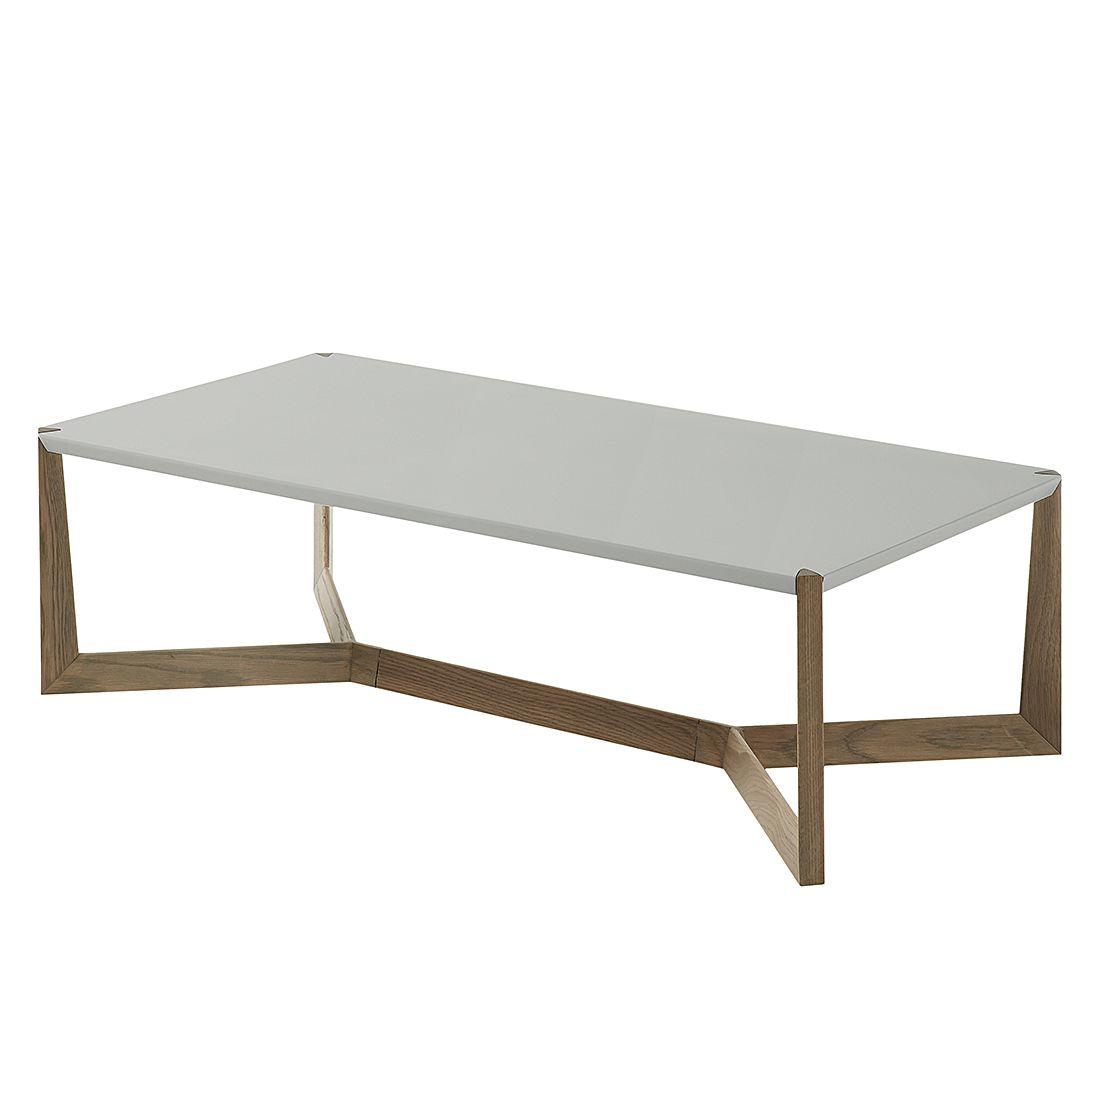 couchtisch donore matt grau esche morteens online kaufen bei woonio. Black Bedroom Furniture Sets. Home Design Ideas